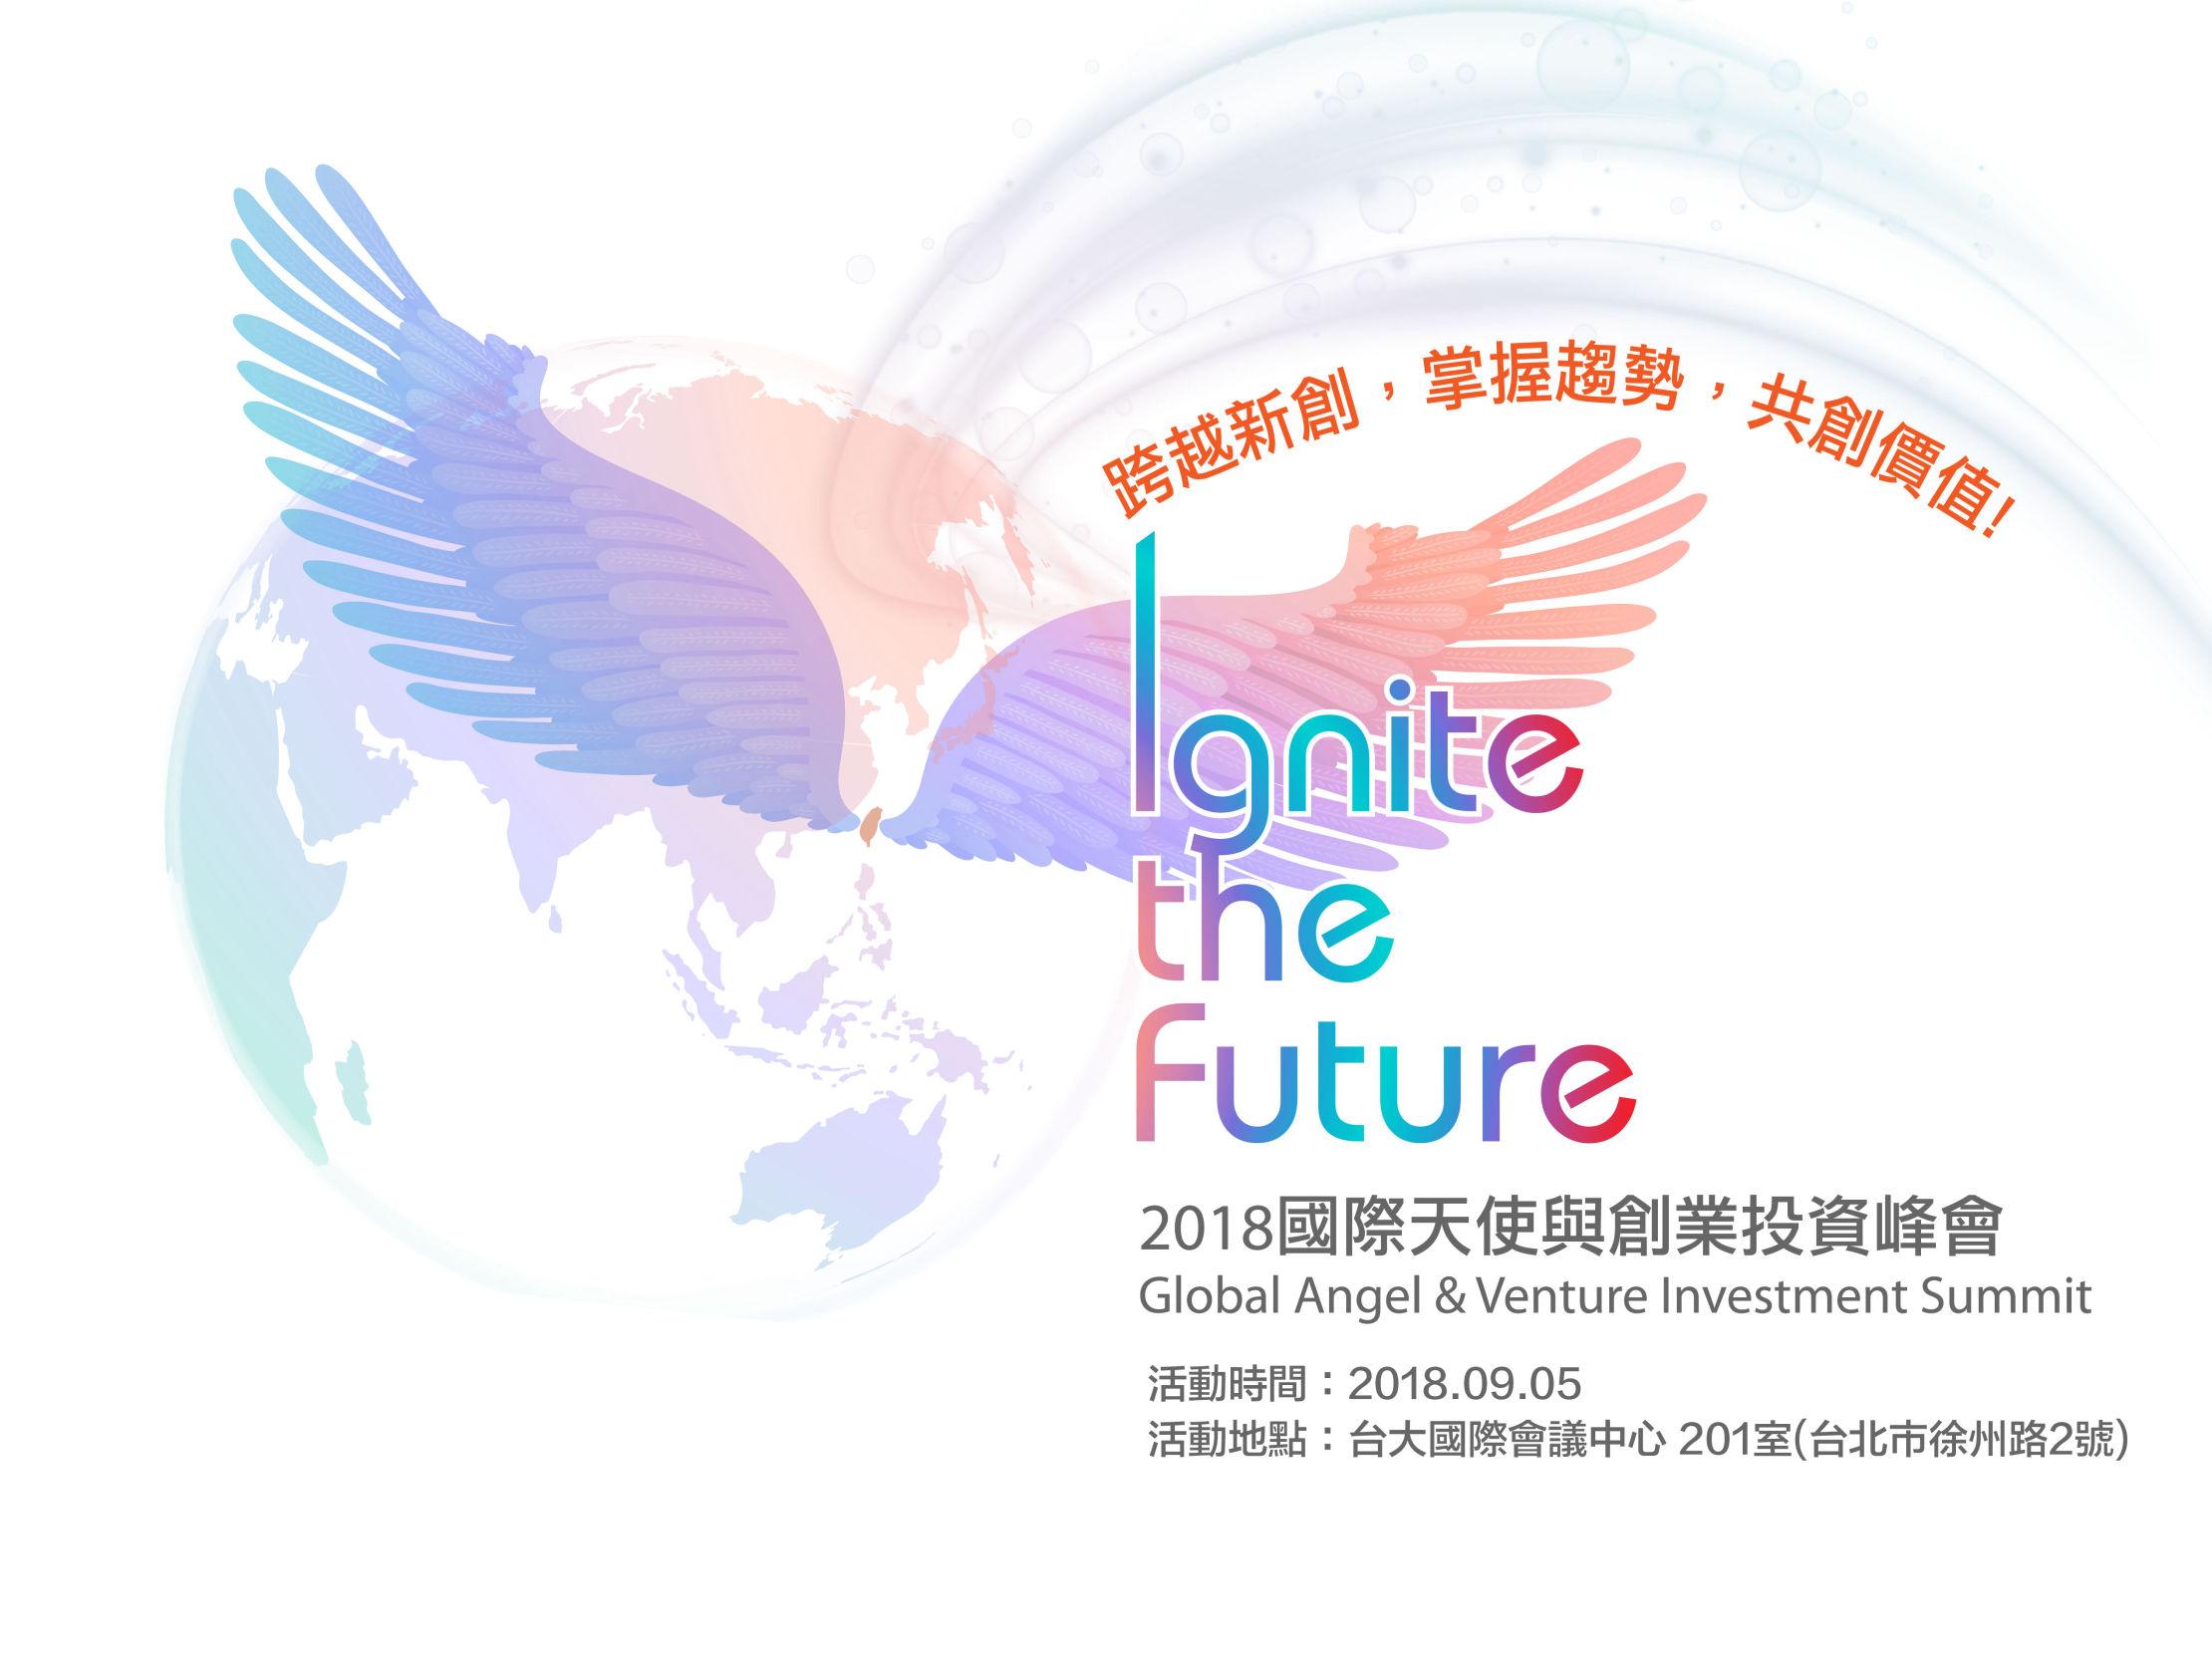 2018國際天使與創業投資峰會